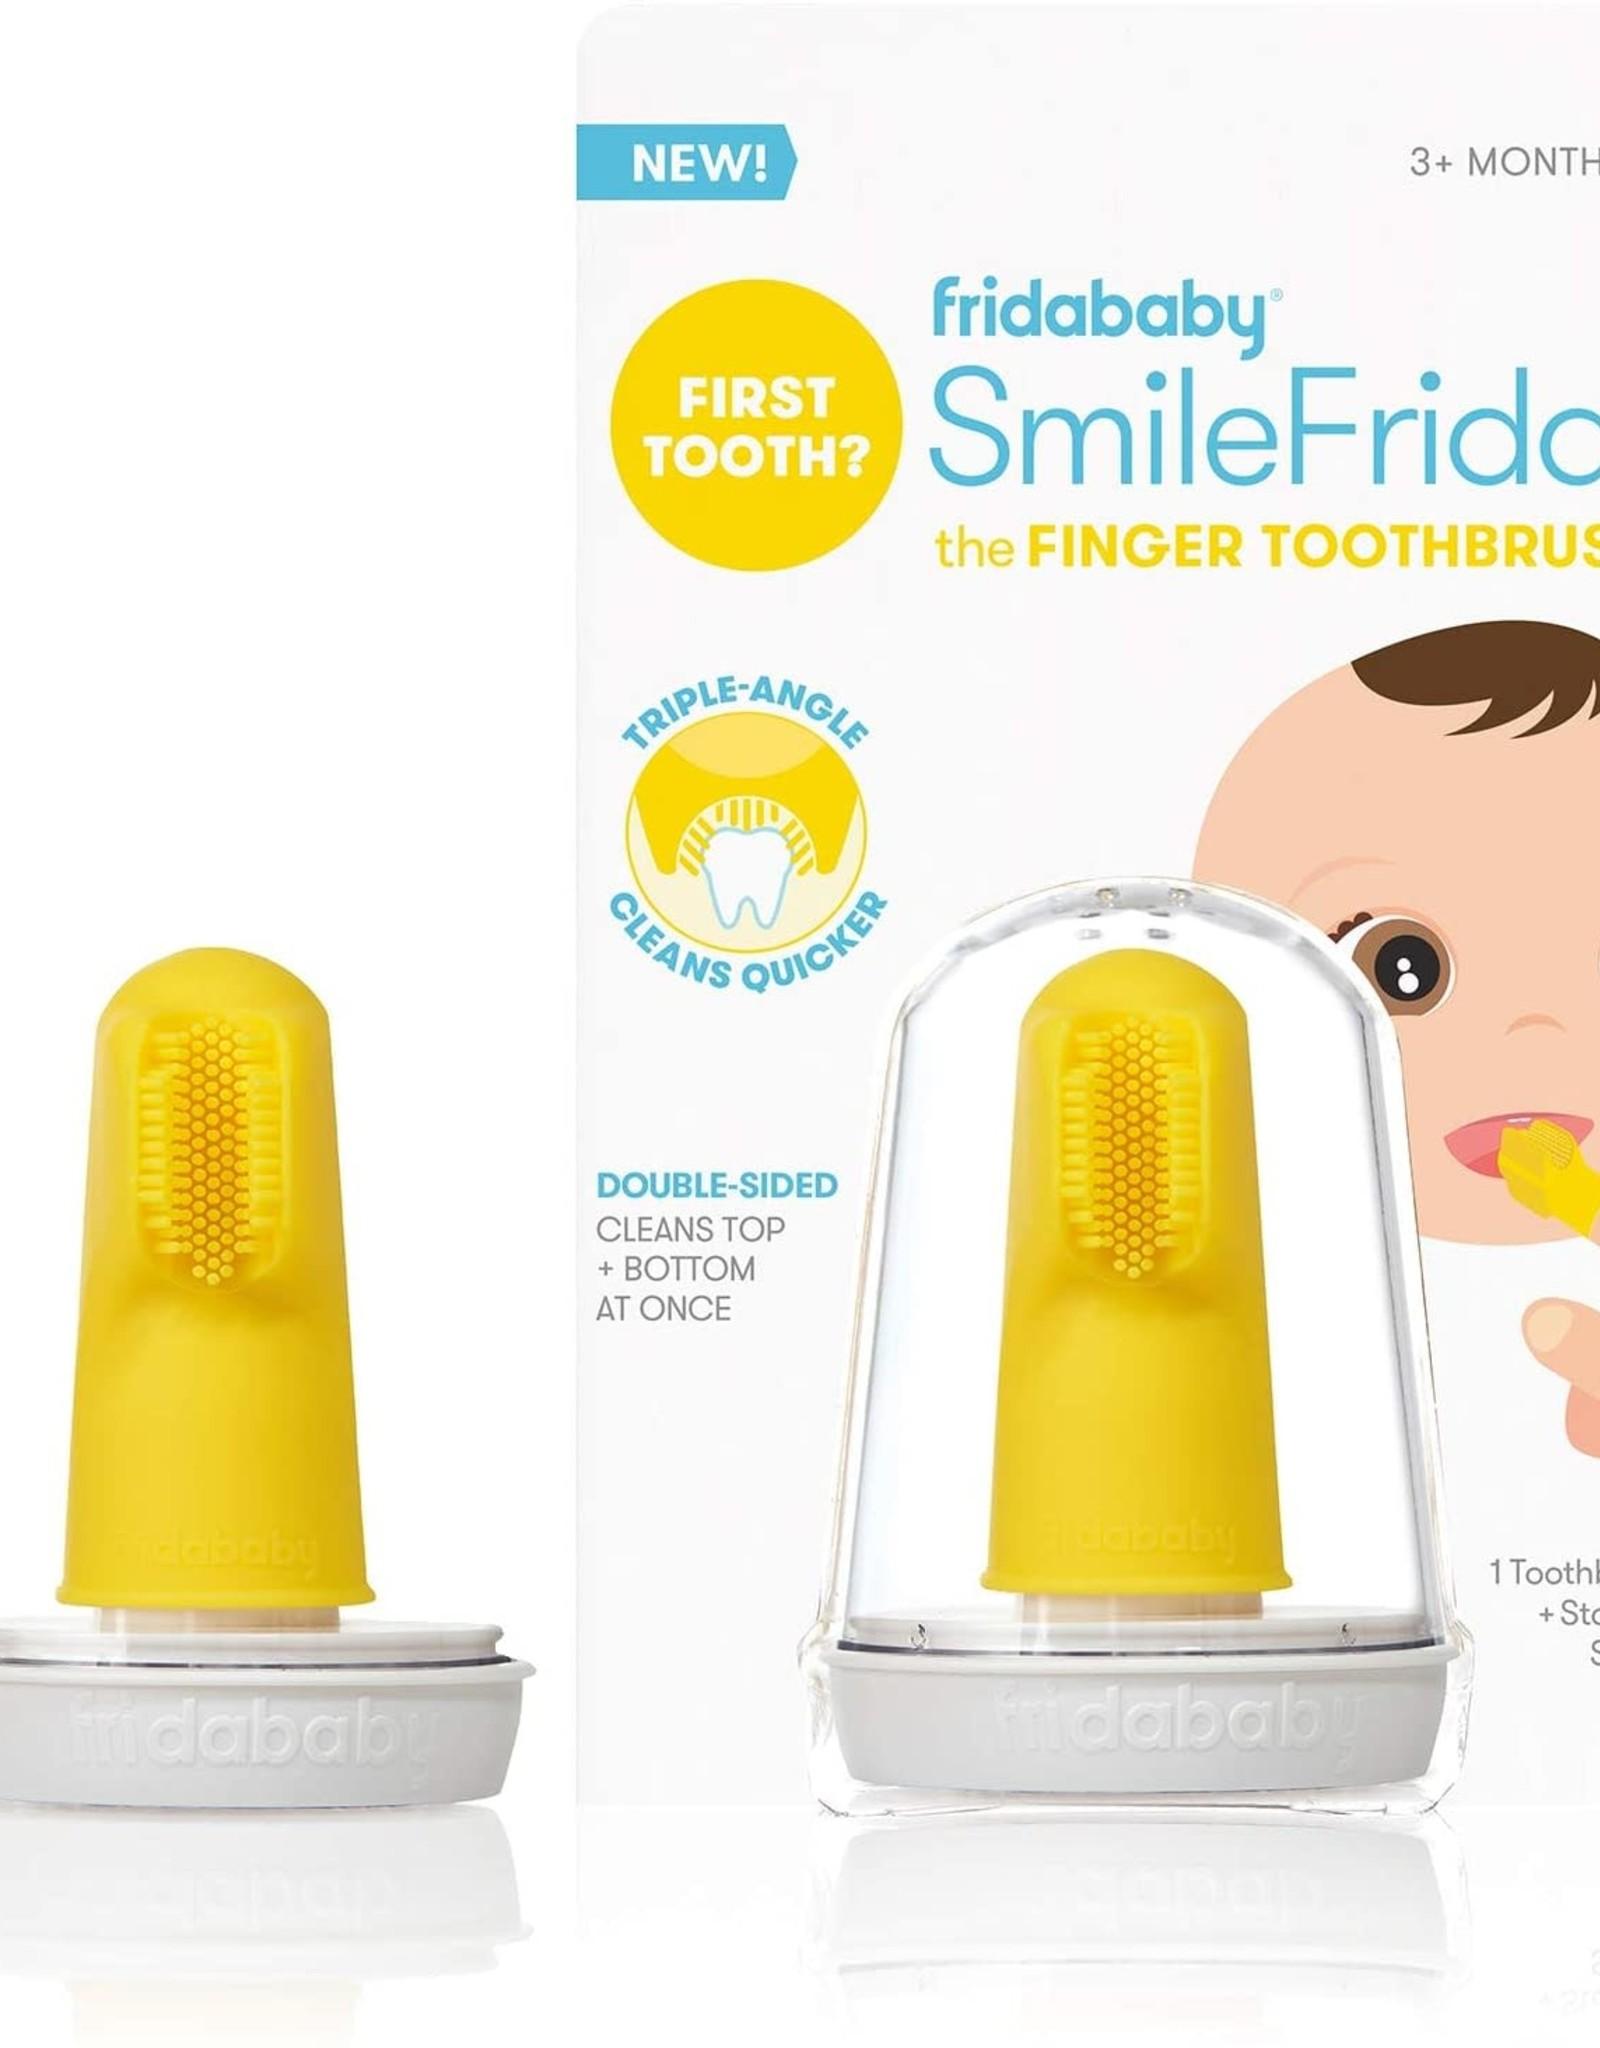 Fridababy SmileFrida Finger Toothbrush